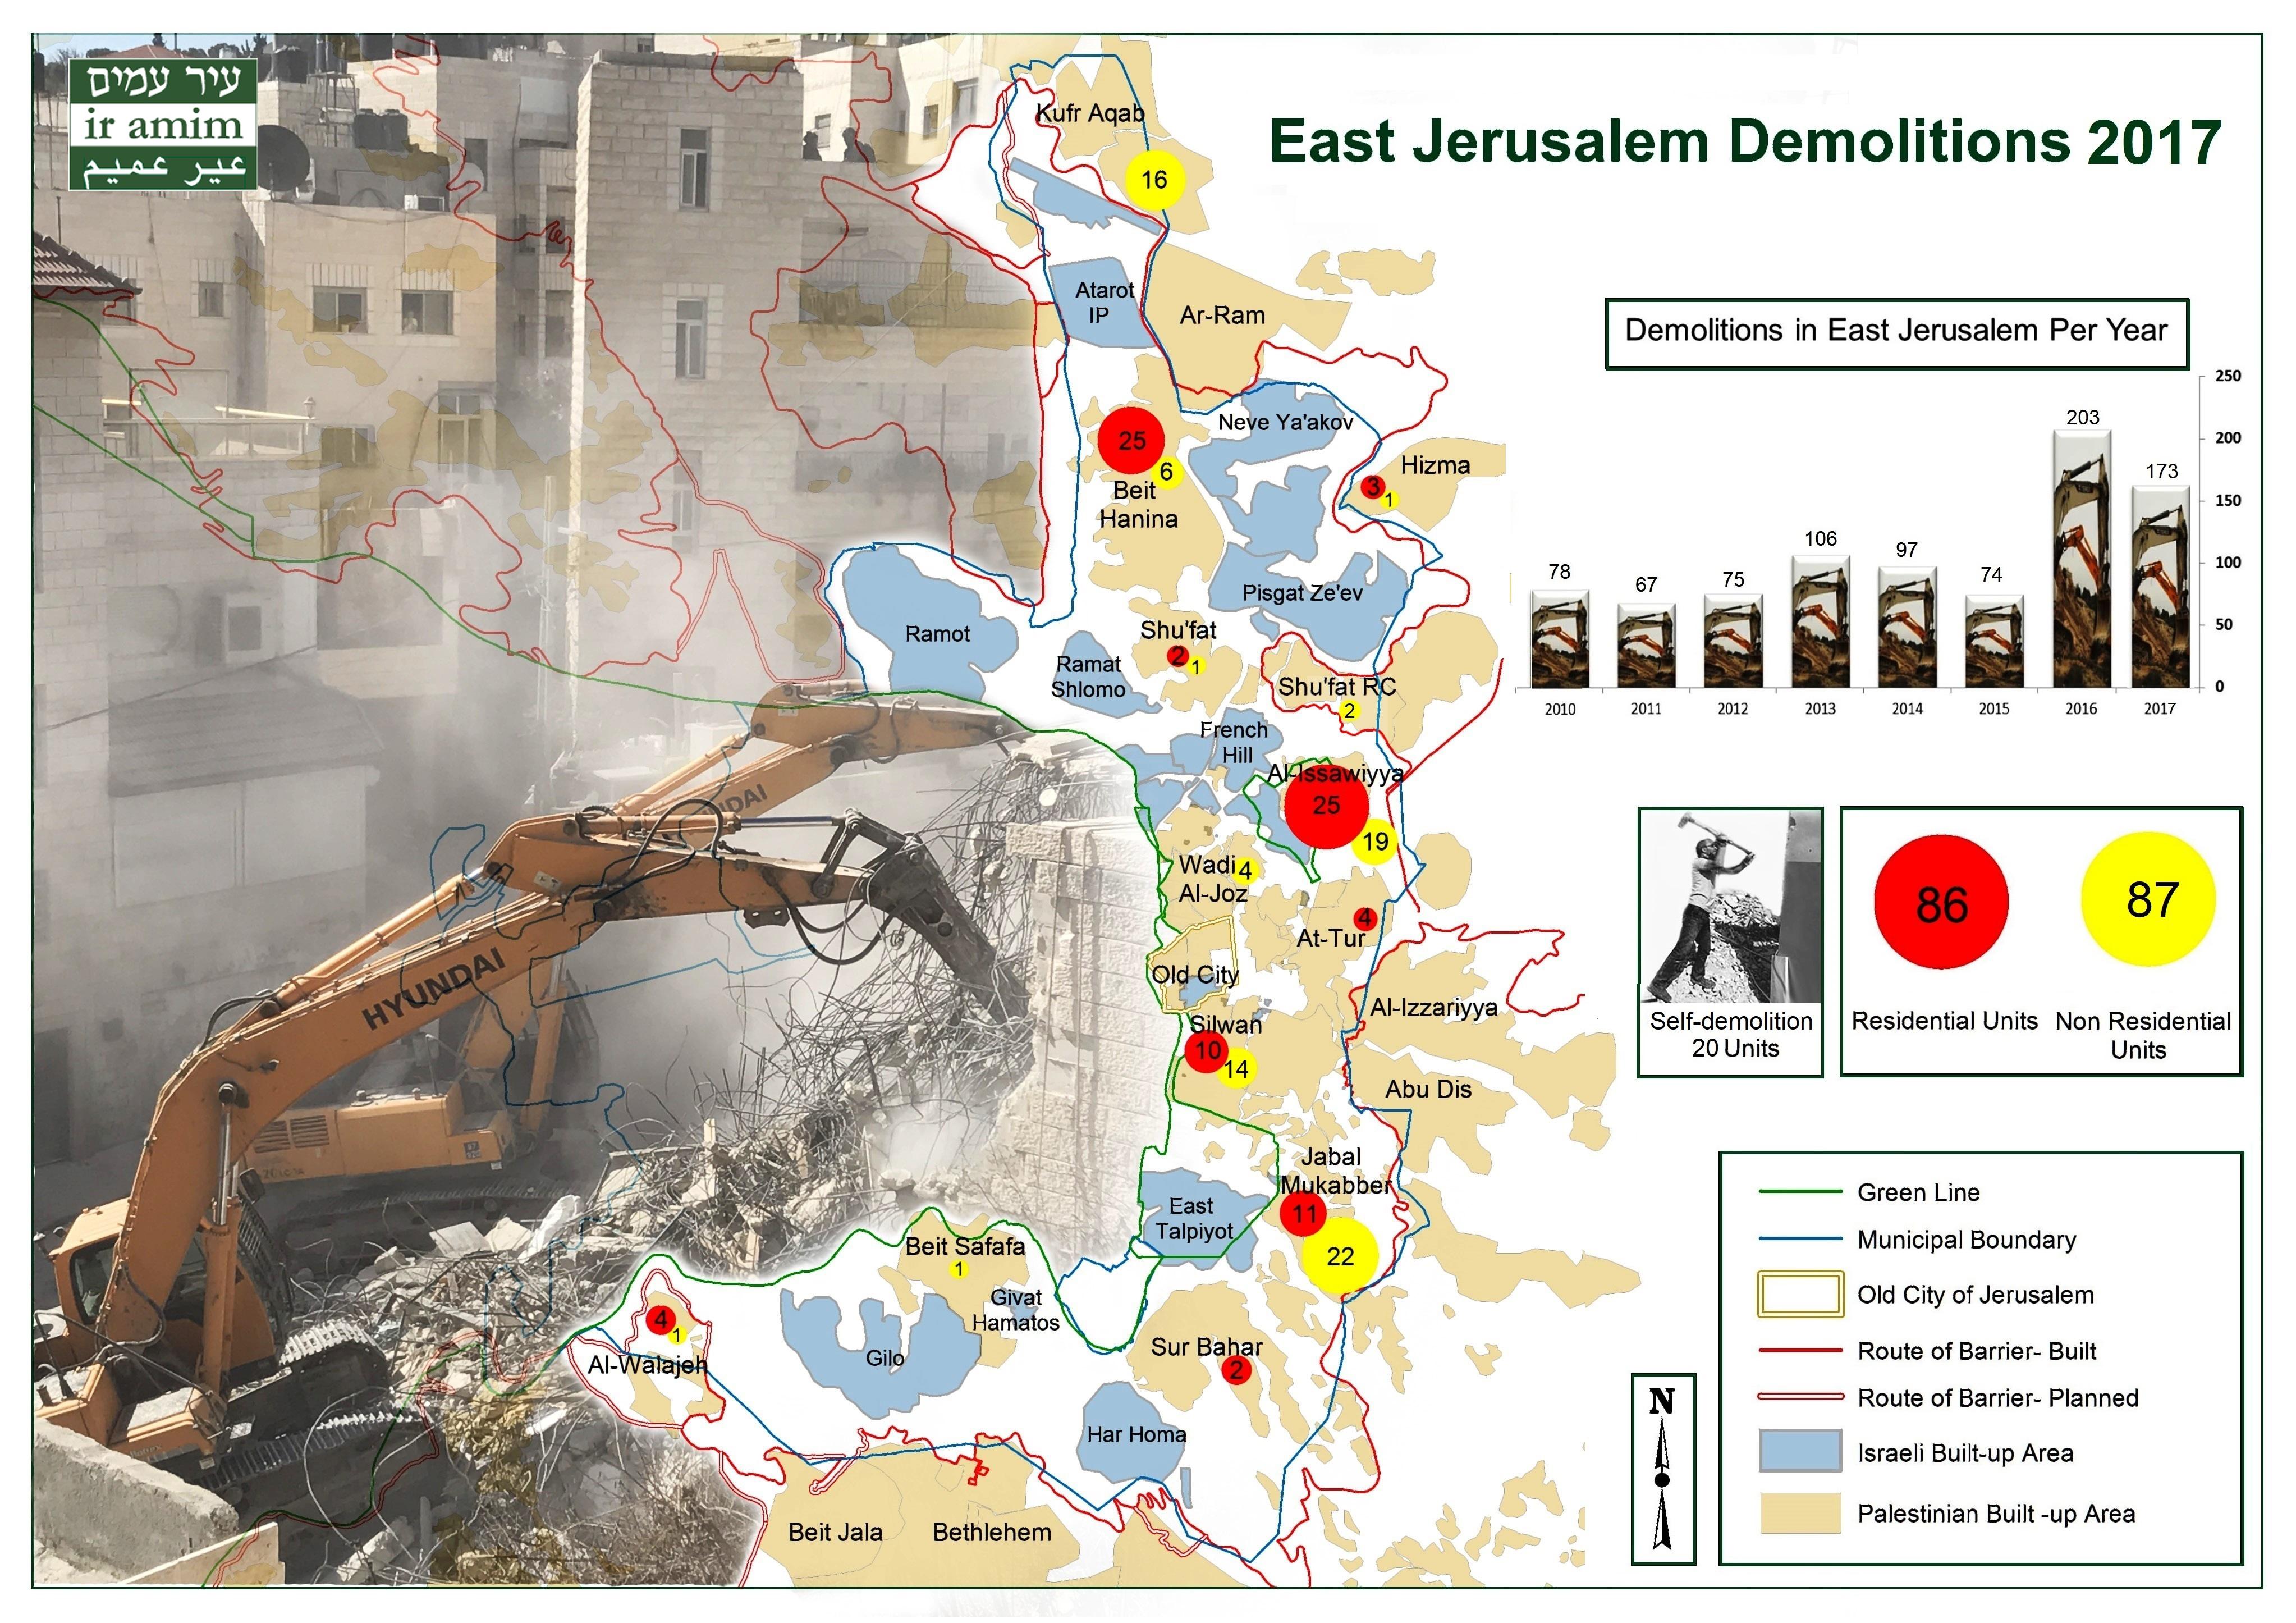 East Jerusalem Demolitions 2017